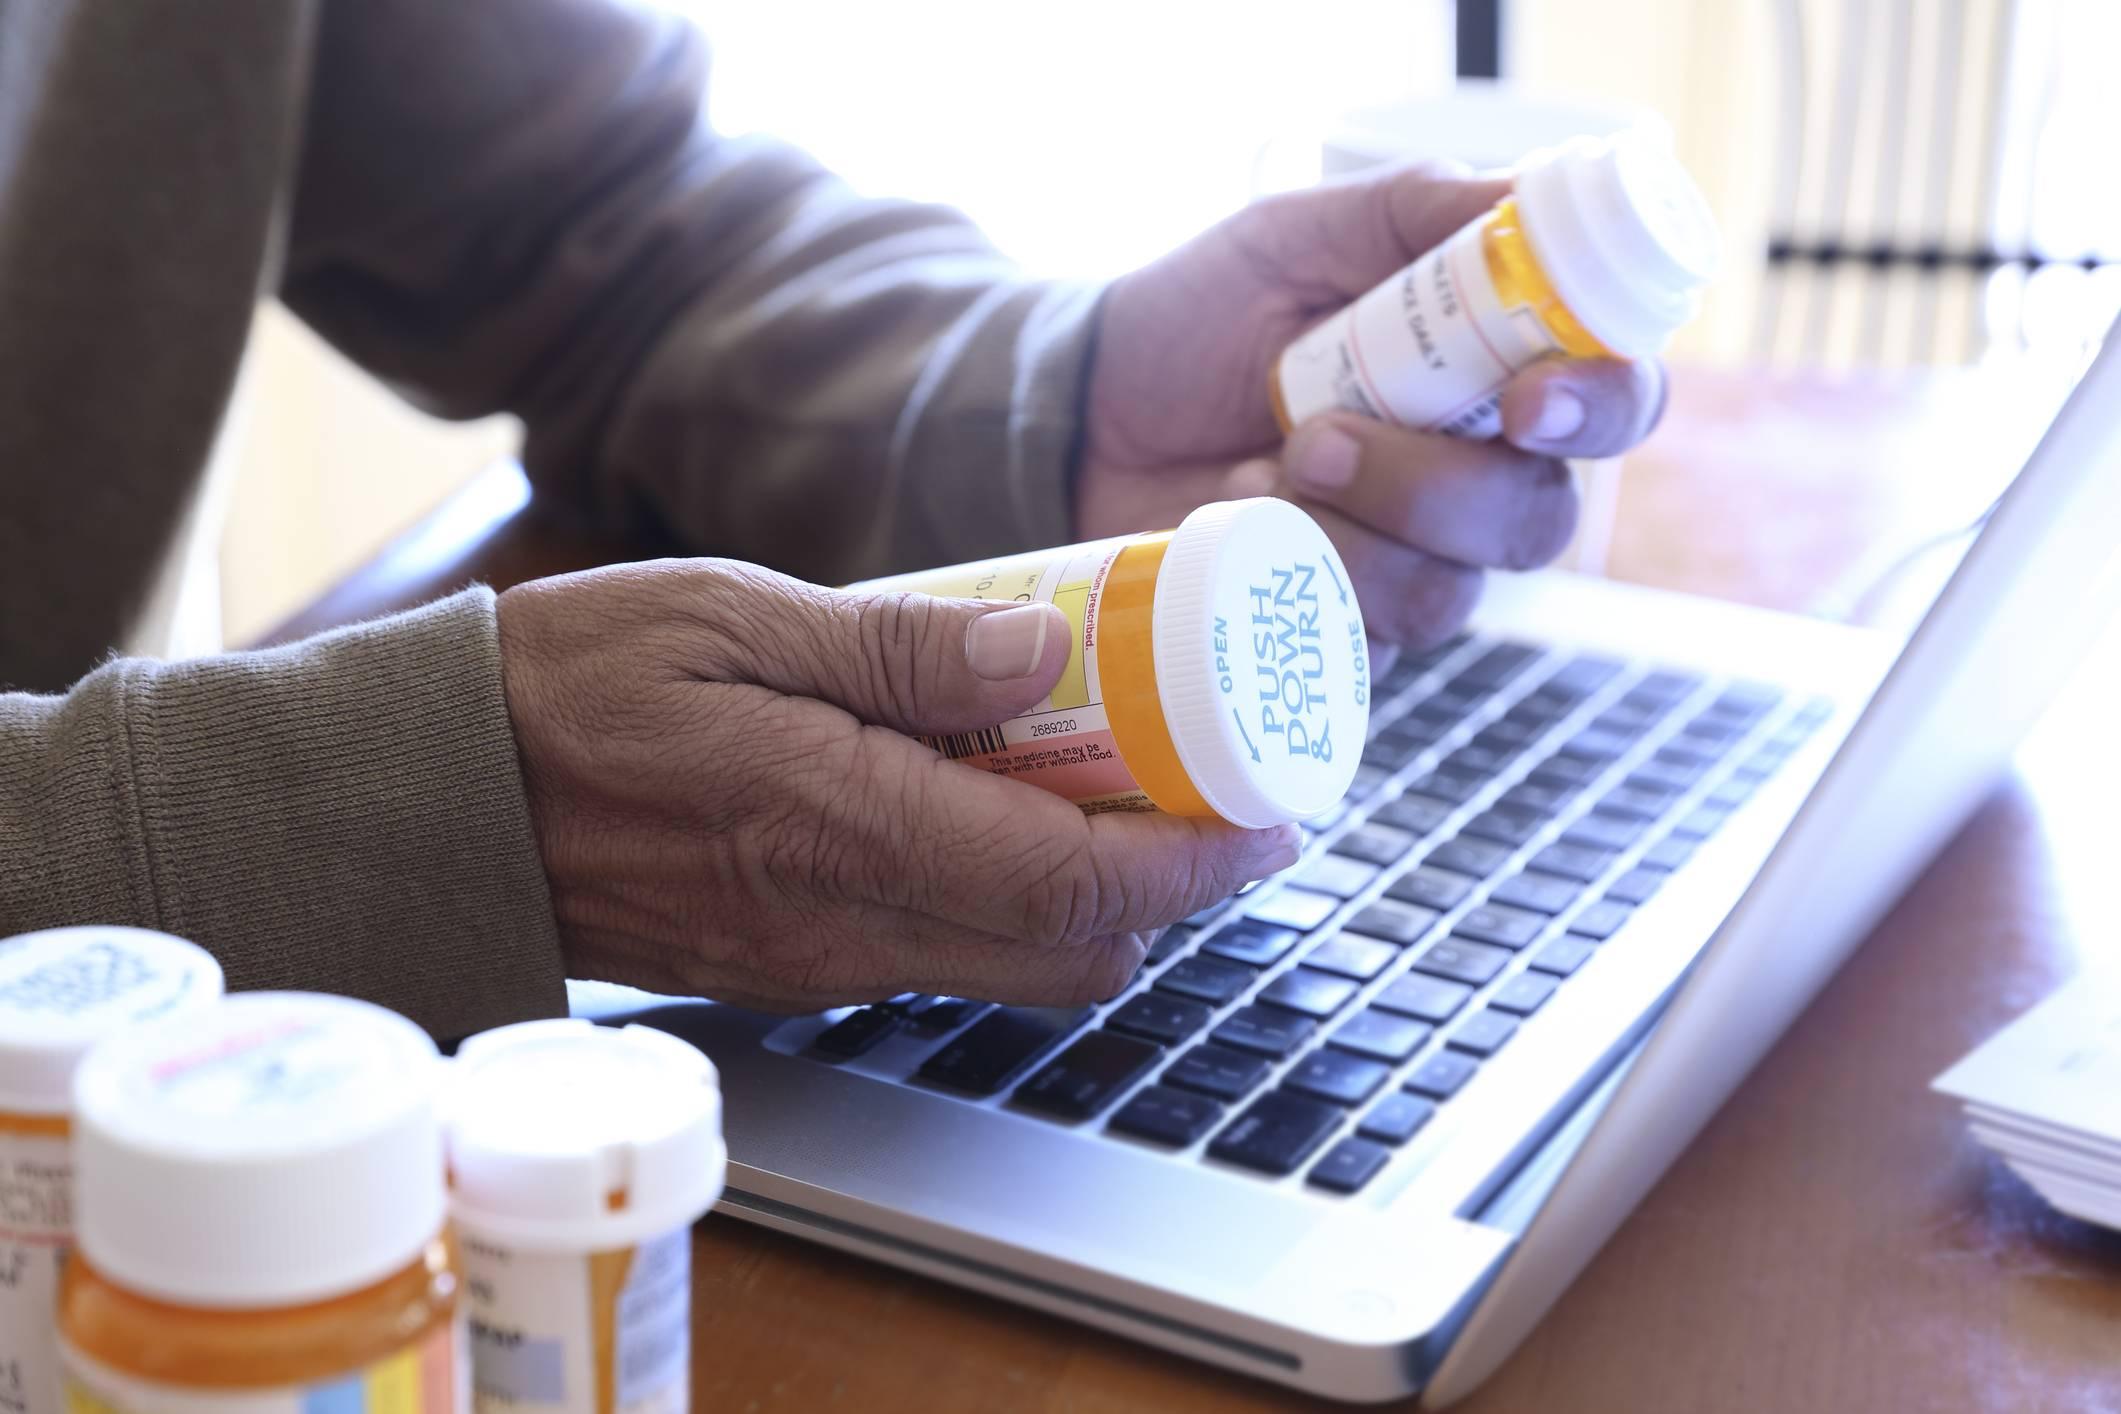 Онлайн аптеки в китай - каталог - список - руководство - pharmaciesworldwide